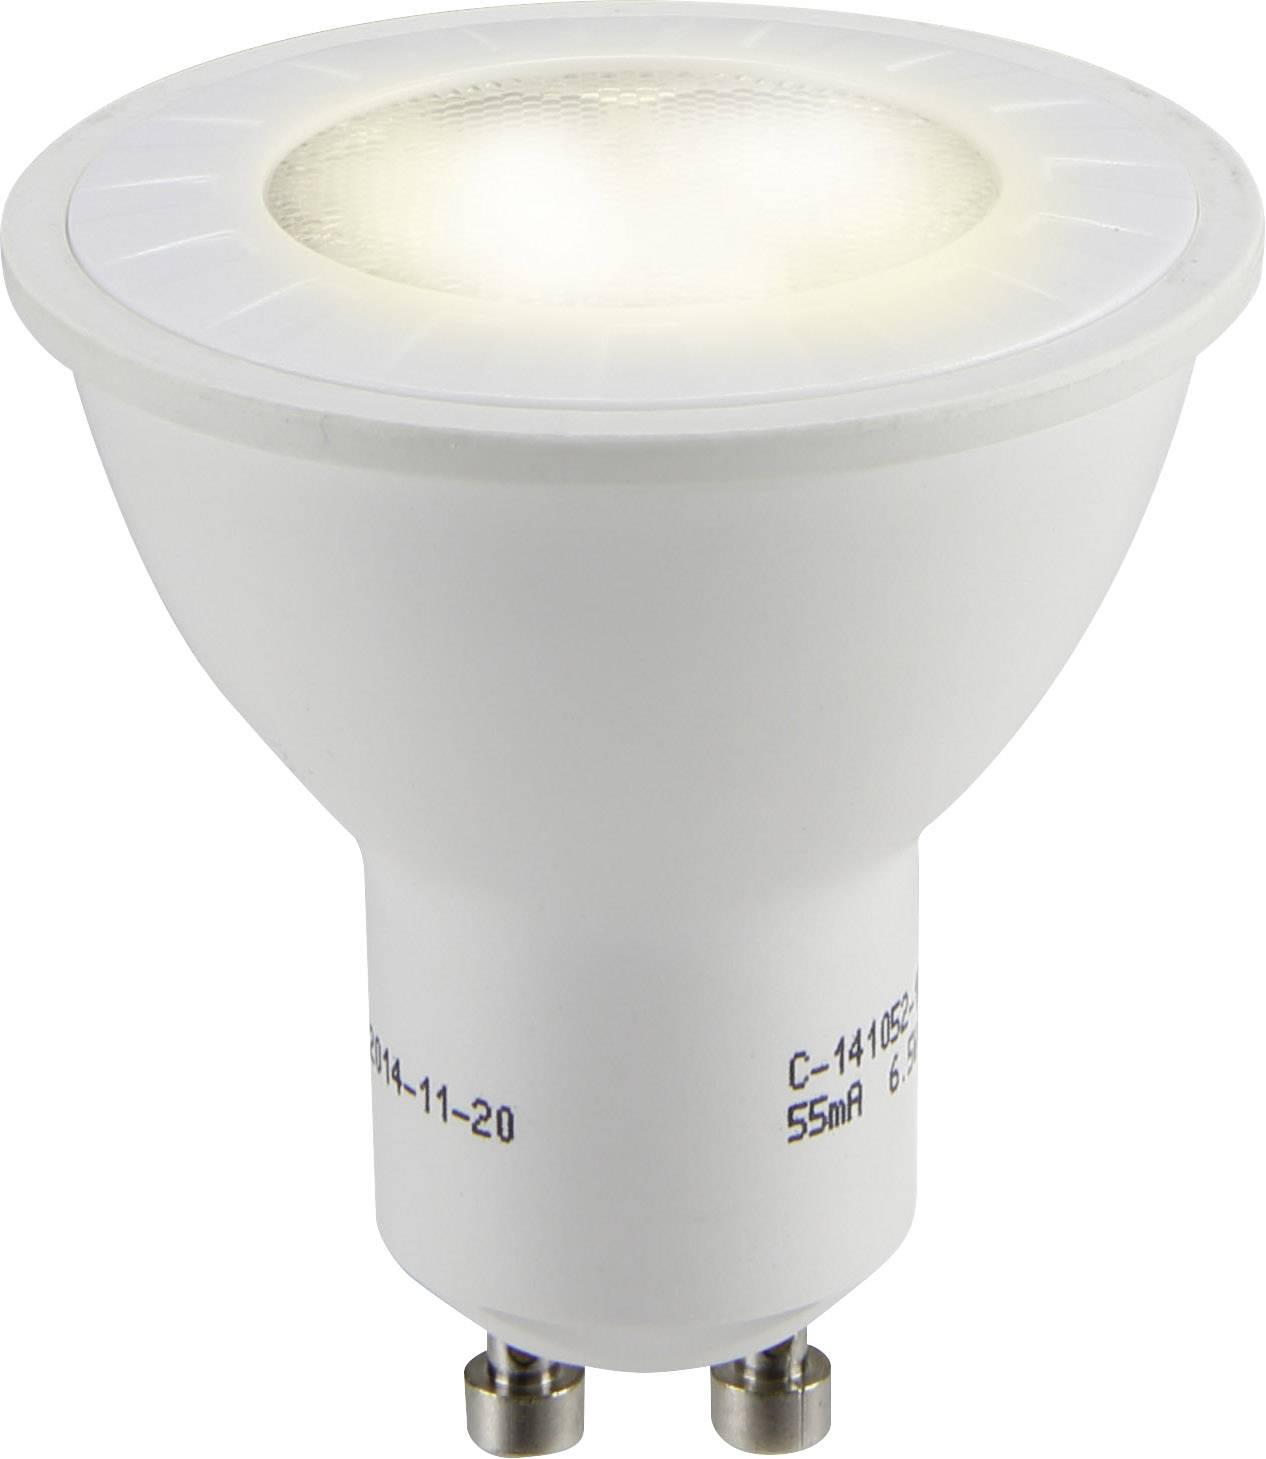 LED žiarovka Sygonix 1364921 230 V, 6.5 W = 50 W, teplá biela, A+, 1 ks